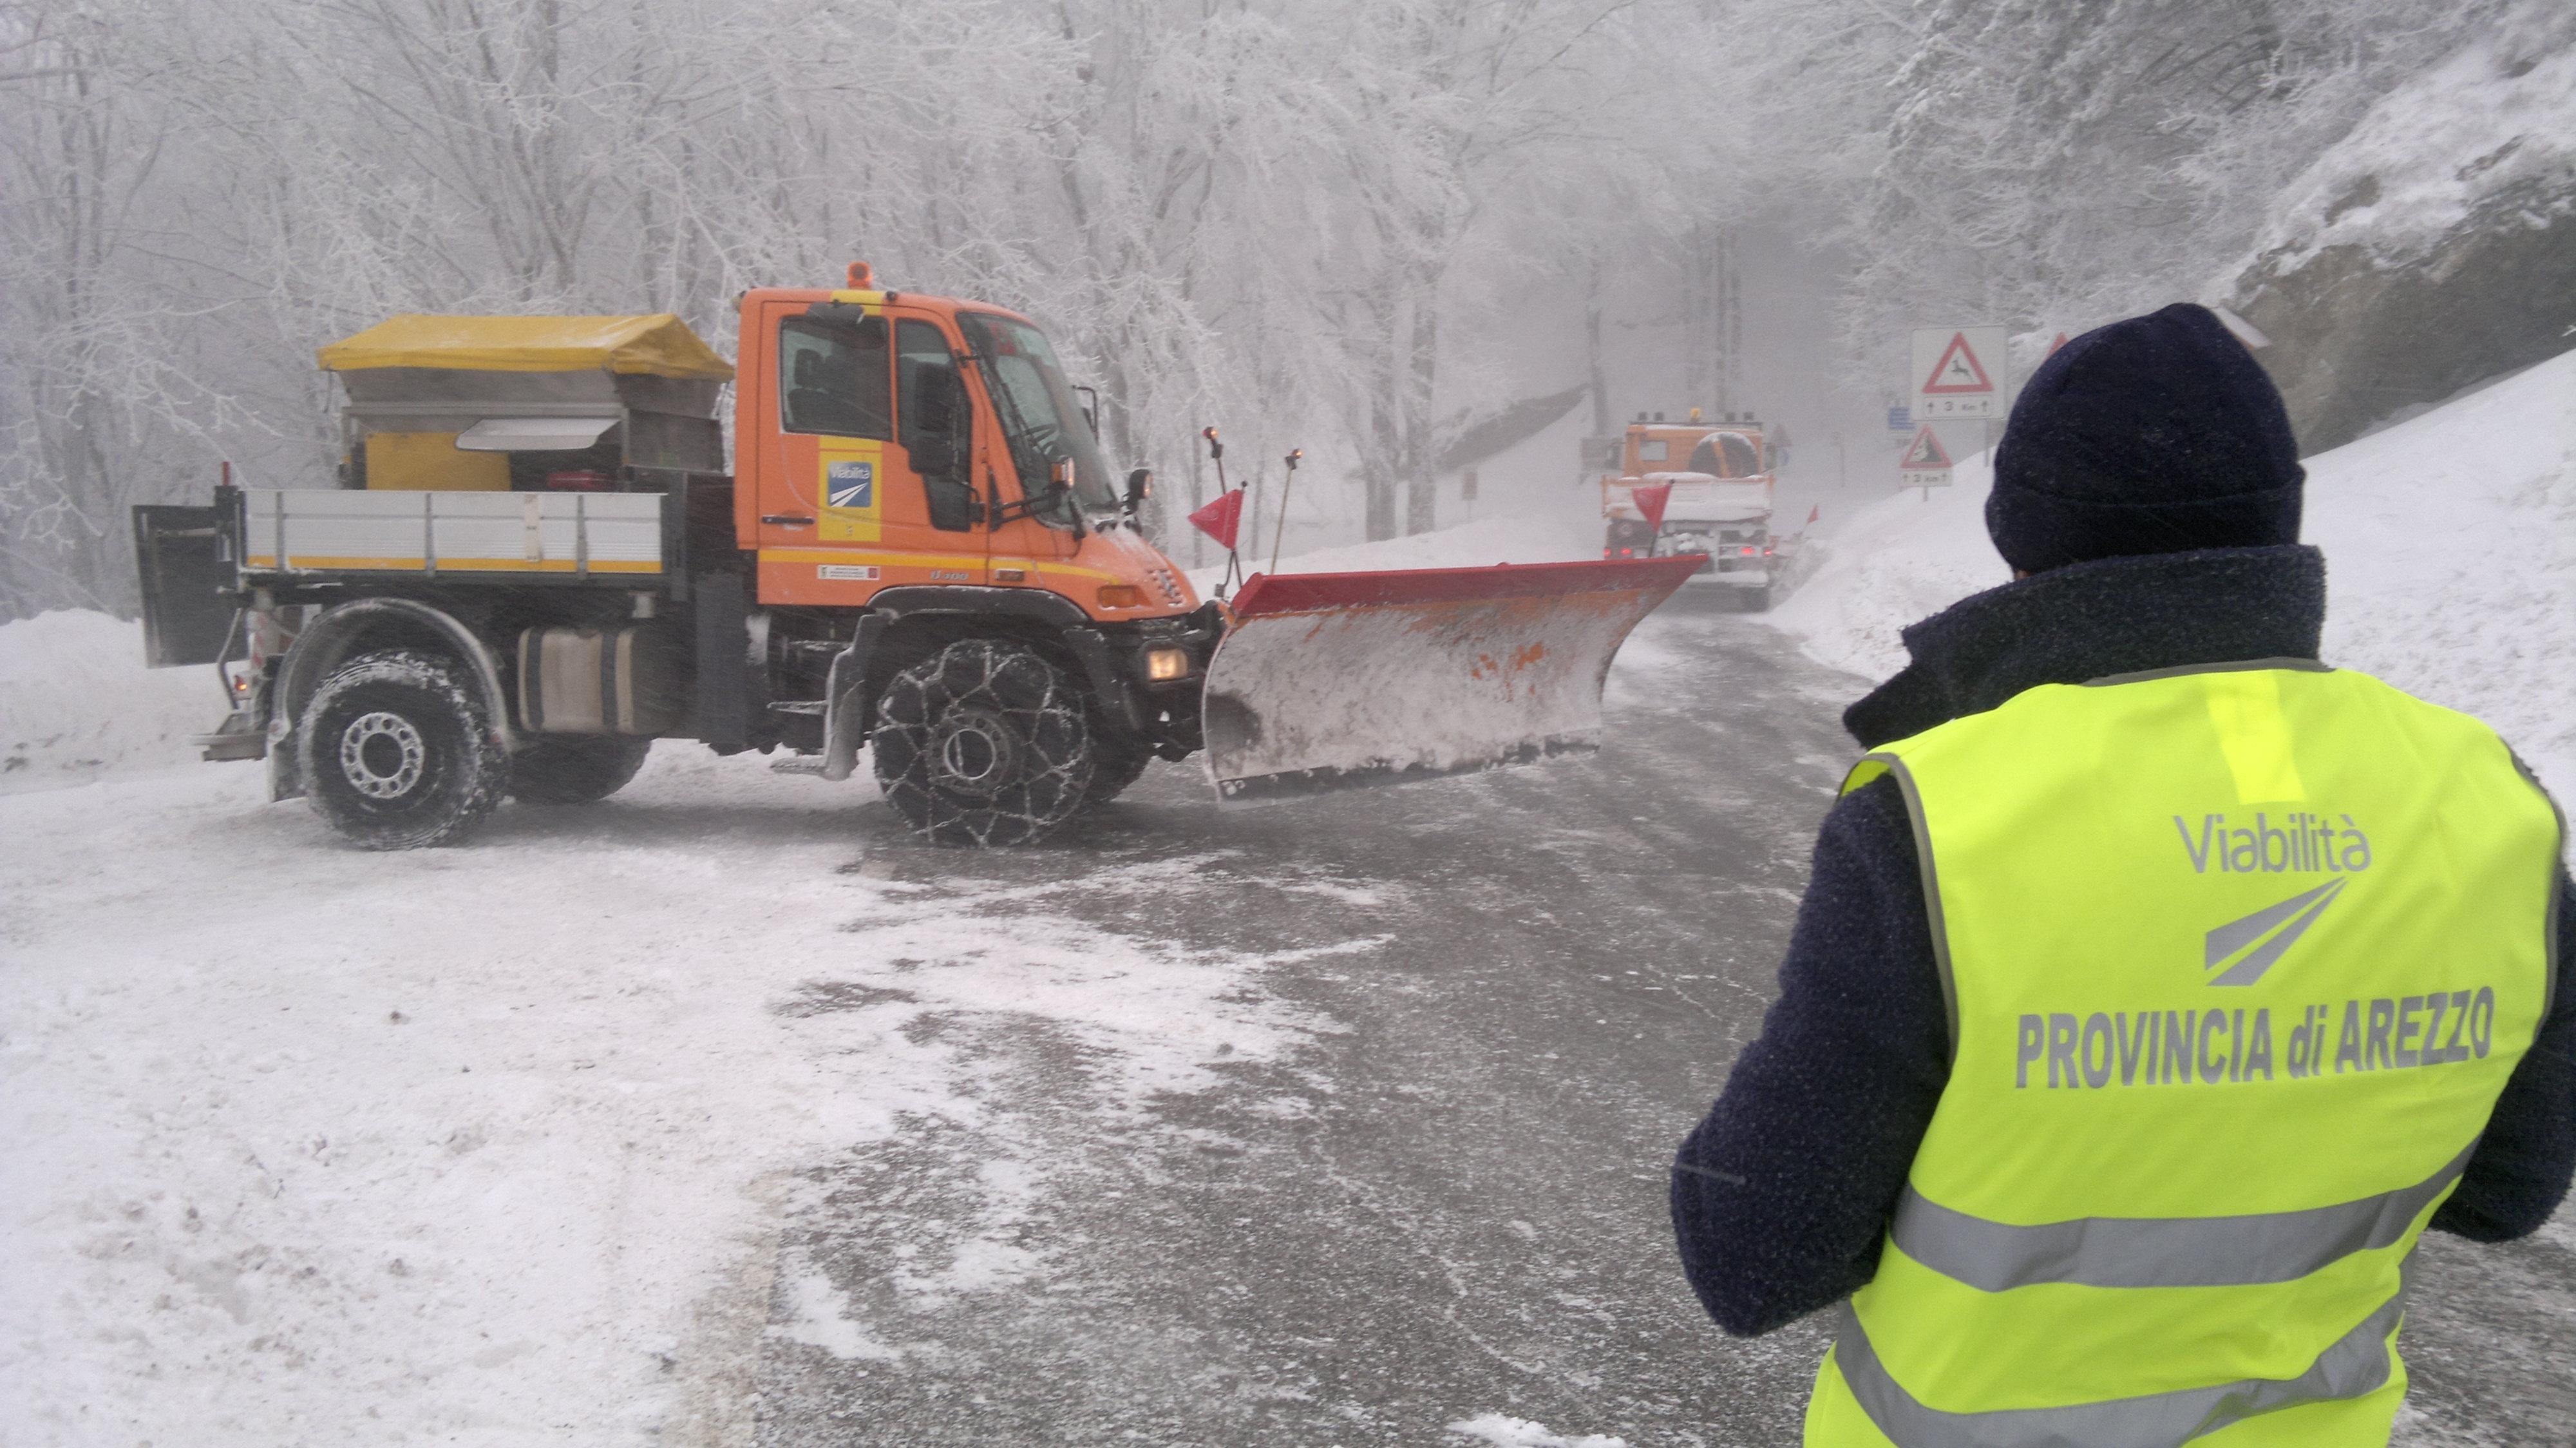 Bollettino provinciale situazione neve: ultimi aggiornamenti